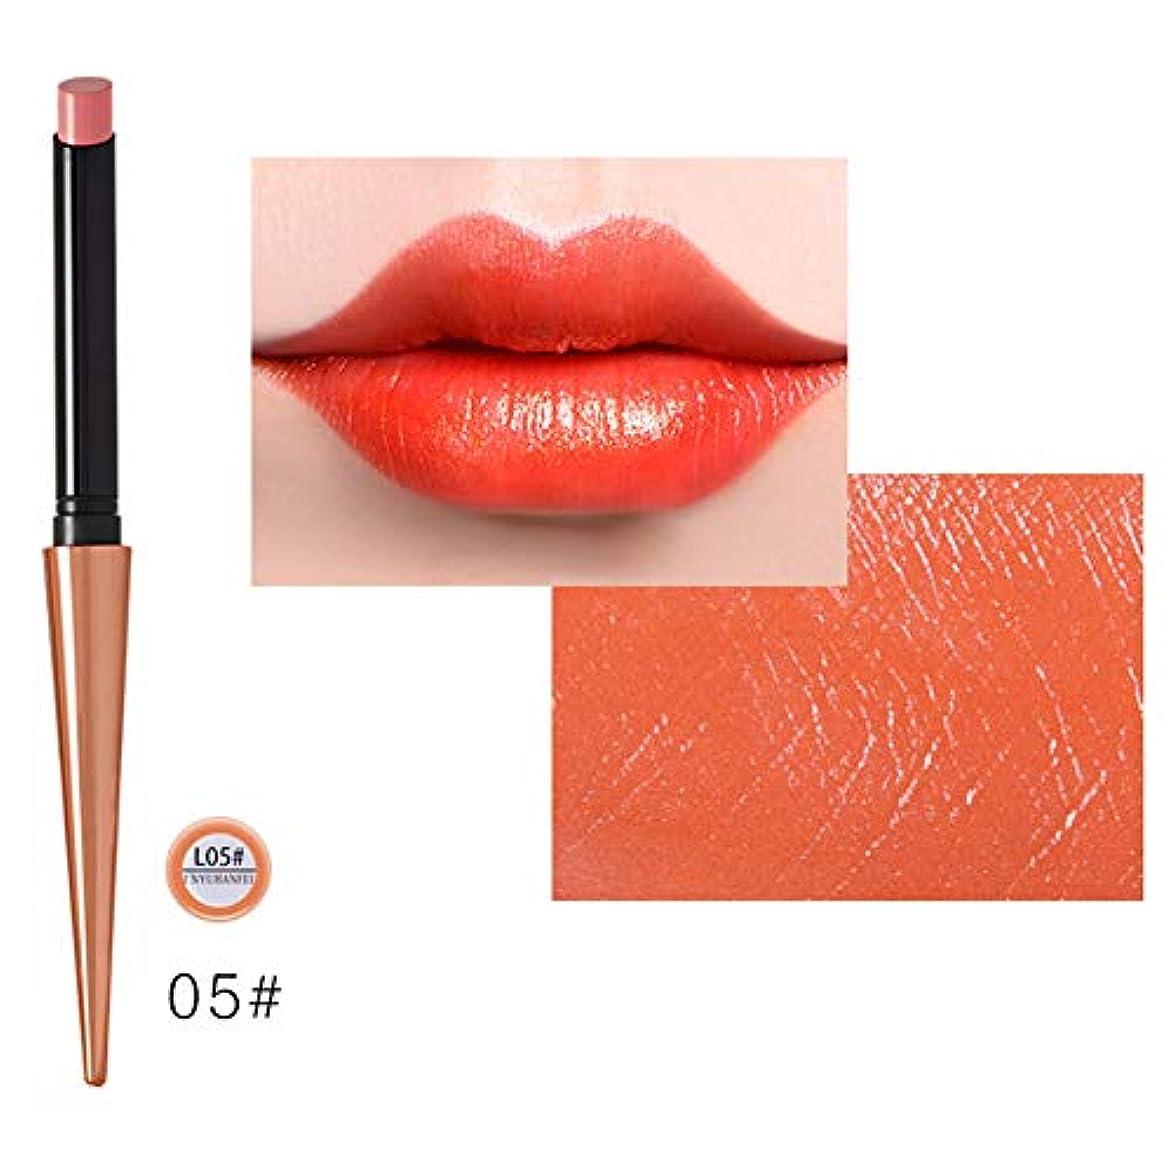 分類する誤解させる煙口紅 リップマット リップティント リップスティック リップグロス つや消し 防水 長続き 唇の化粧品 化粧品 10色 Cutelove